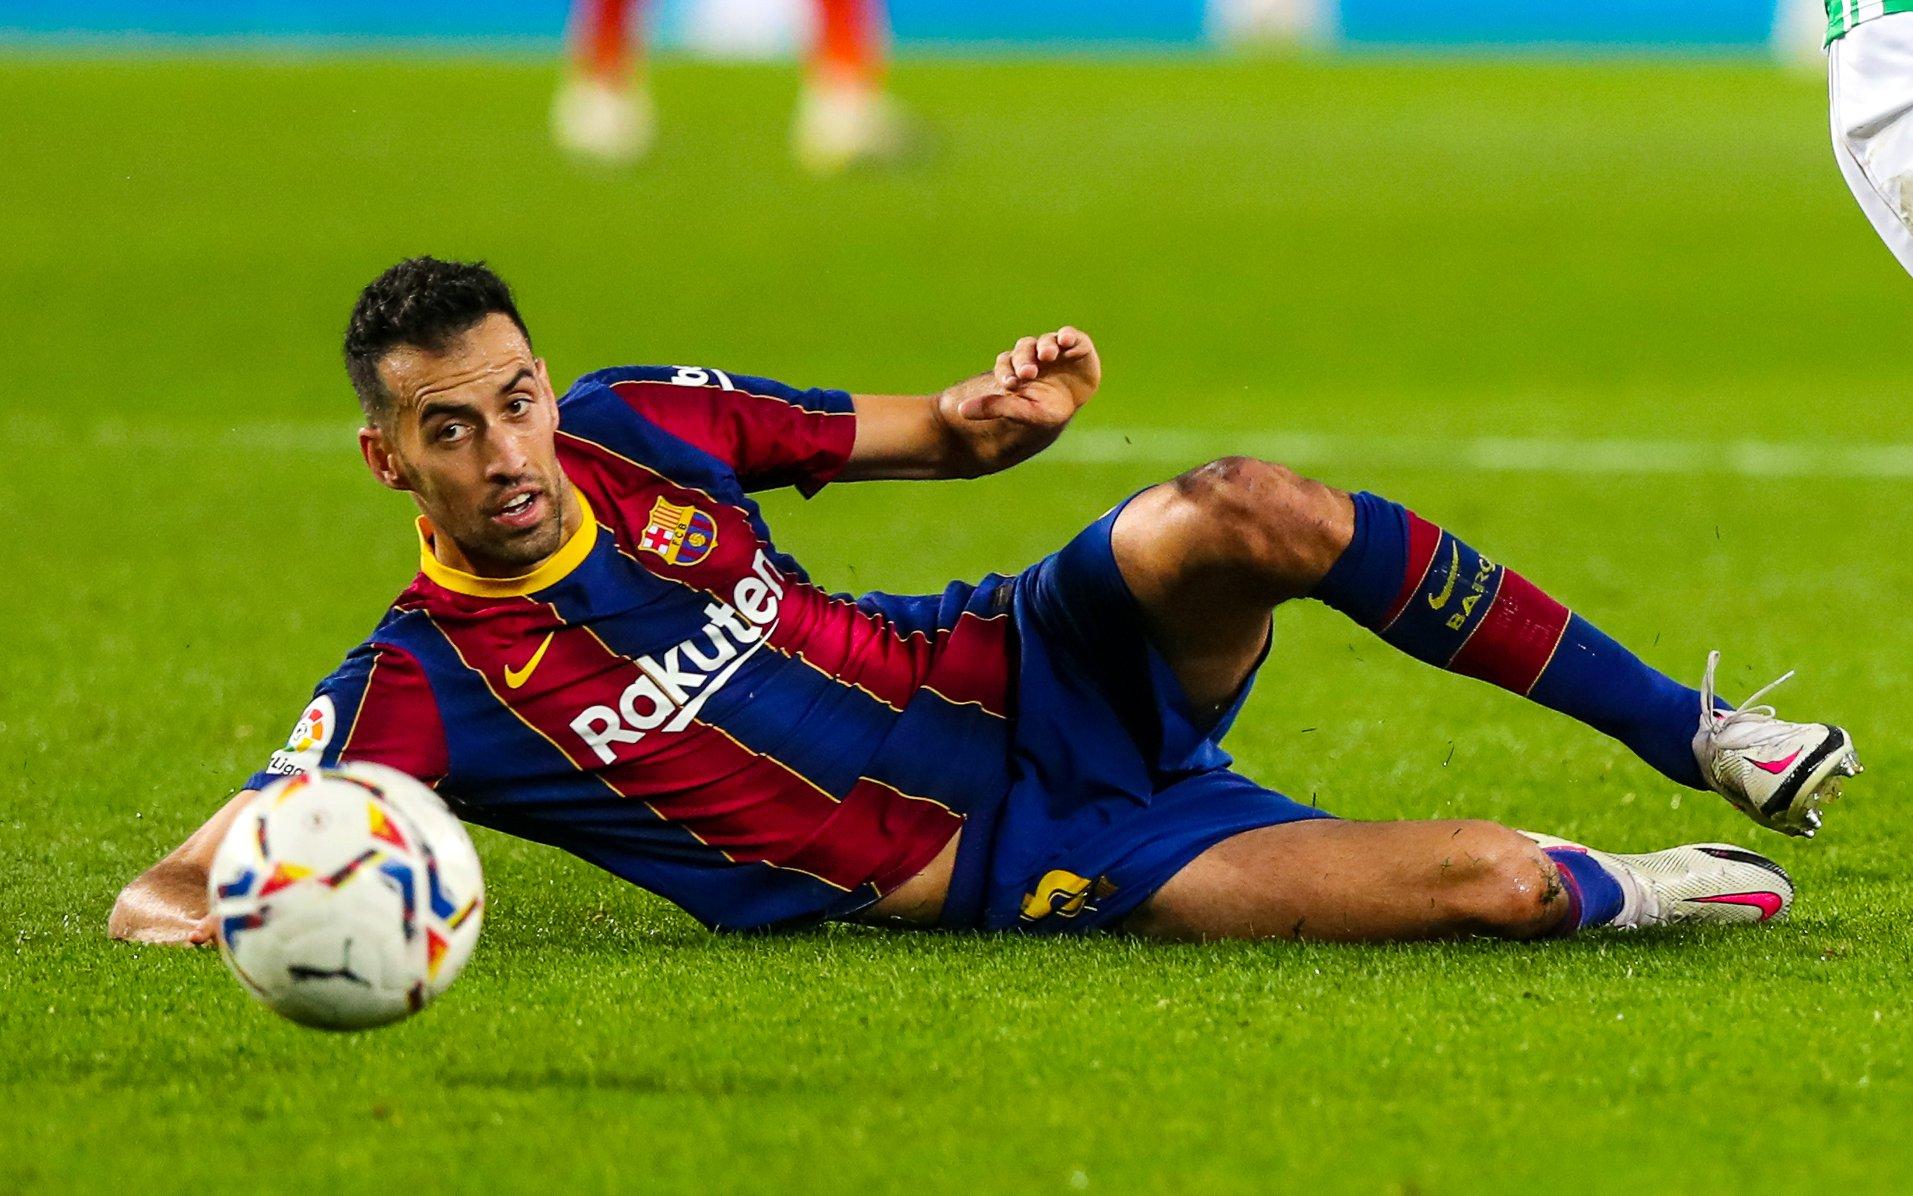 """""""Lojtarët do shpërthejnë, nuk mendojnë për shëndetin tonë"""", Busquets kundër FIFA-s"""